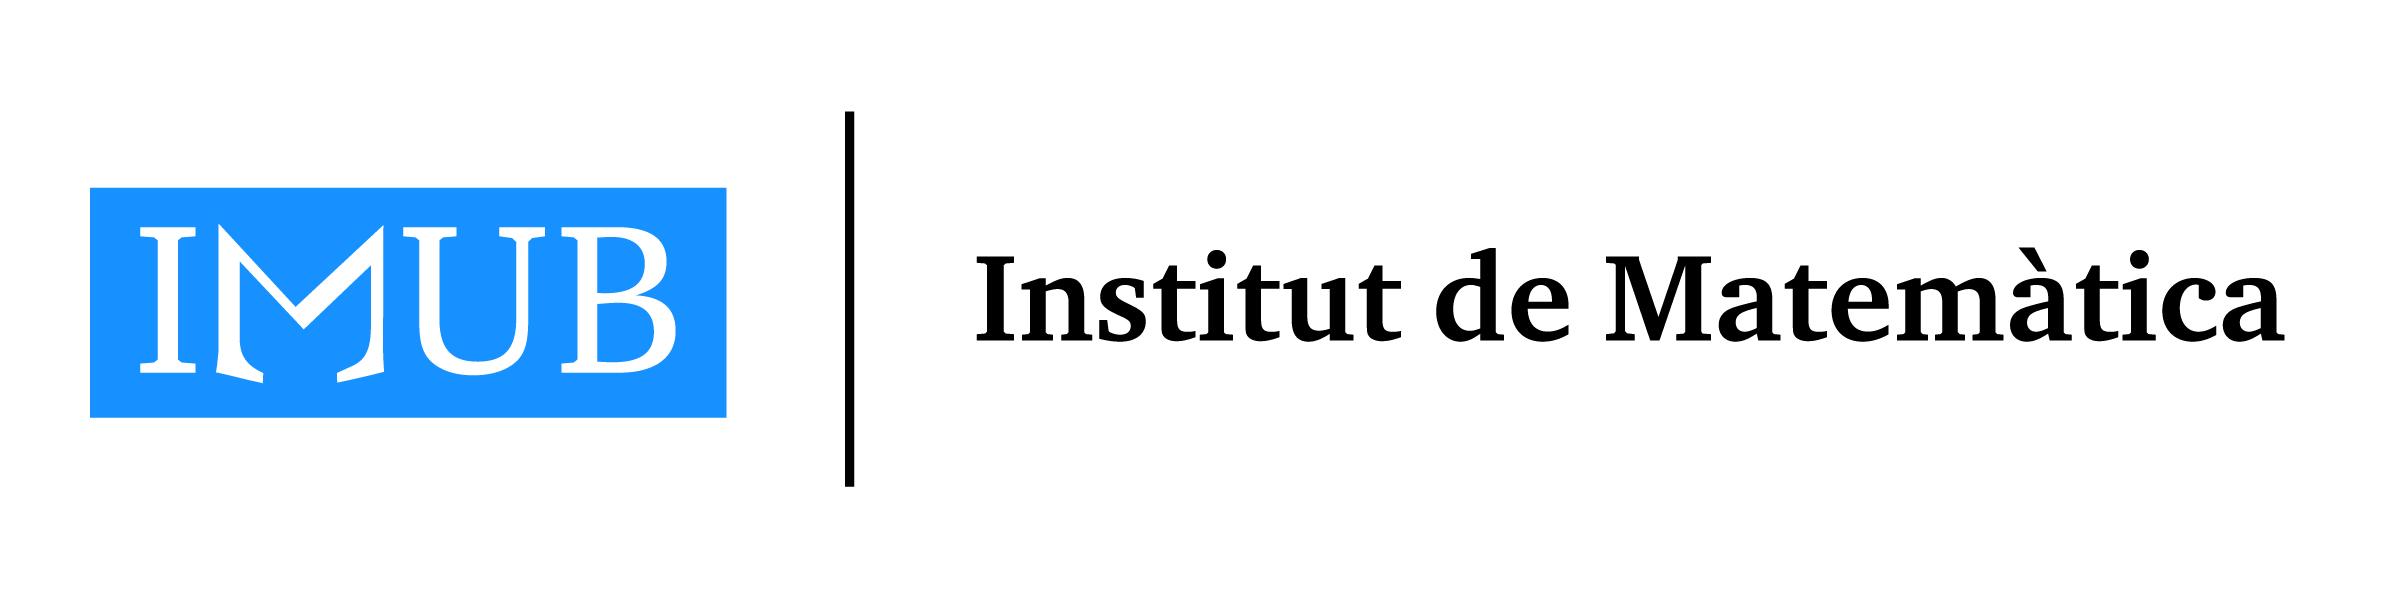 Institut de Matematica logo